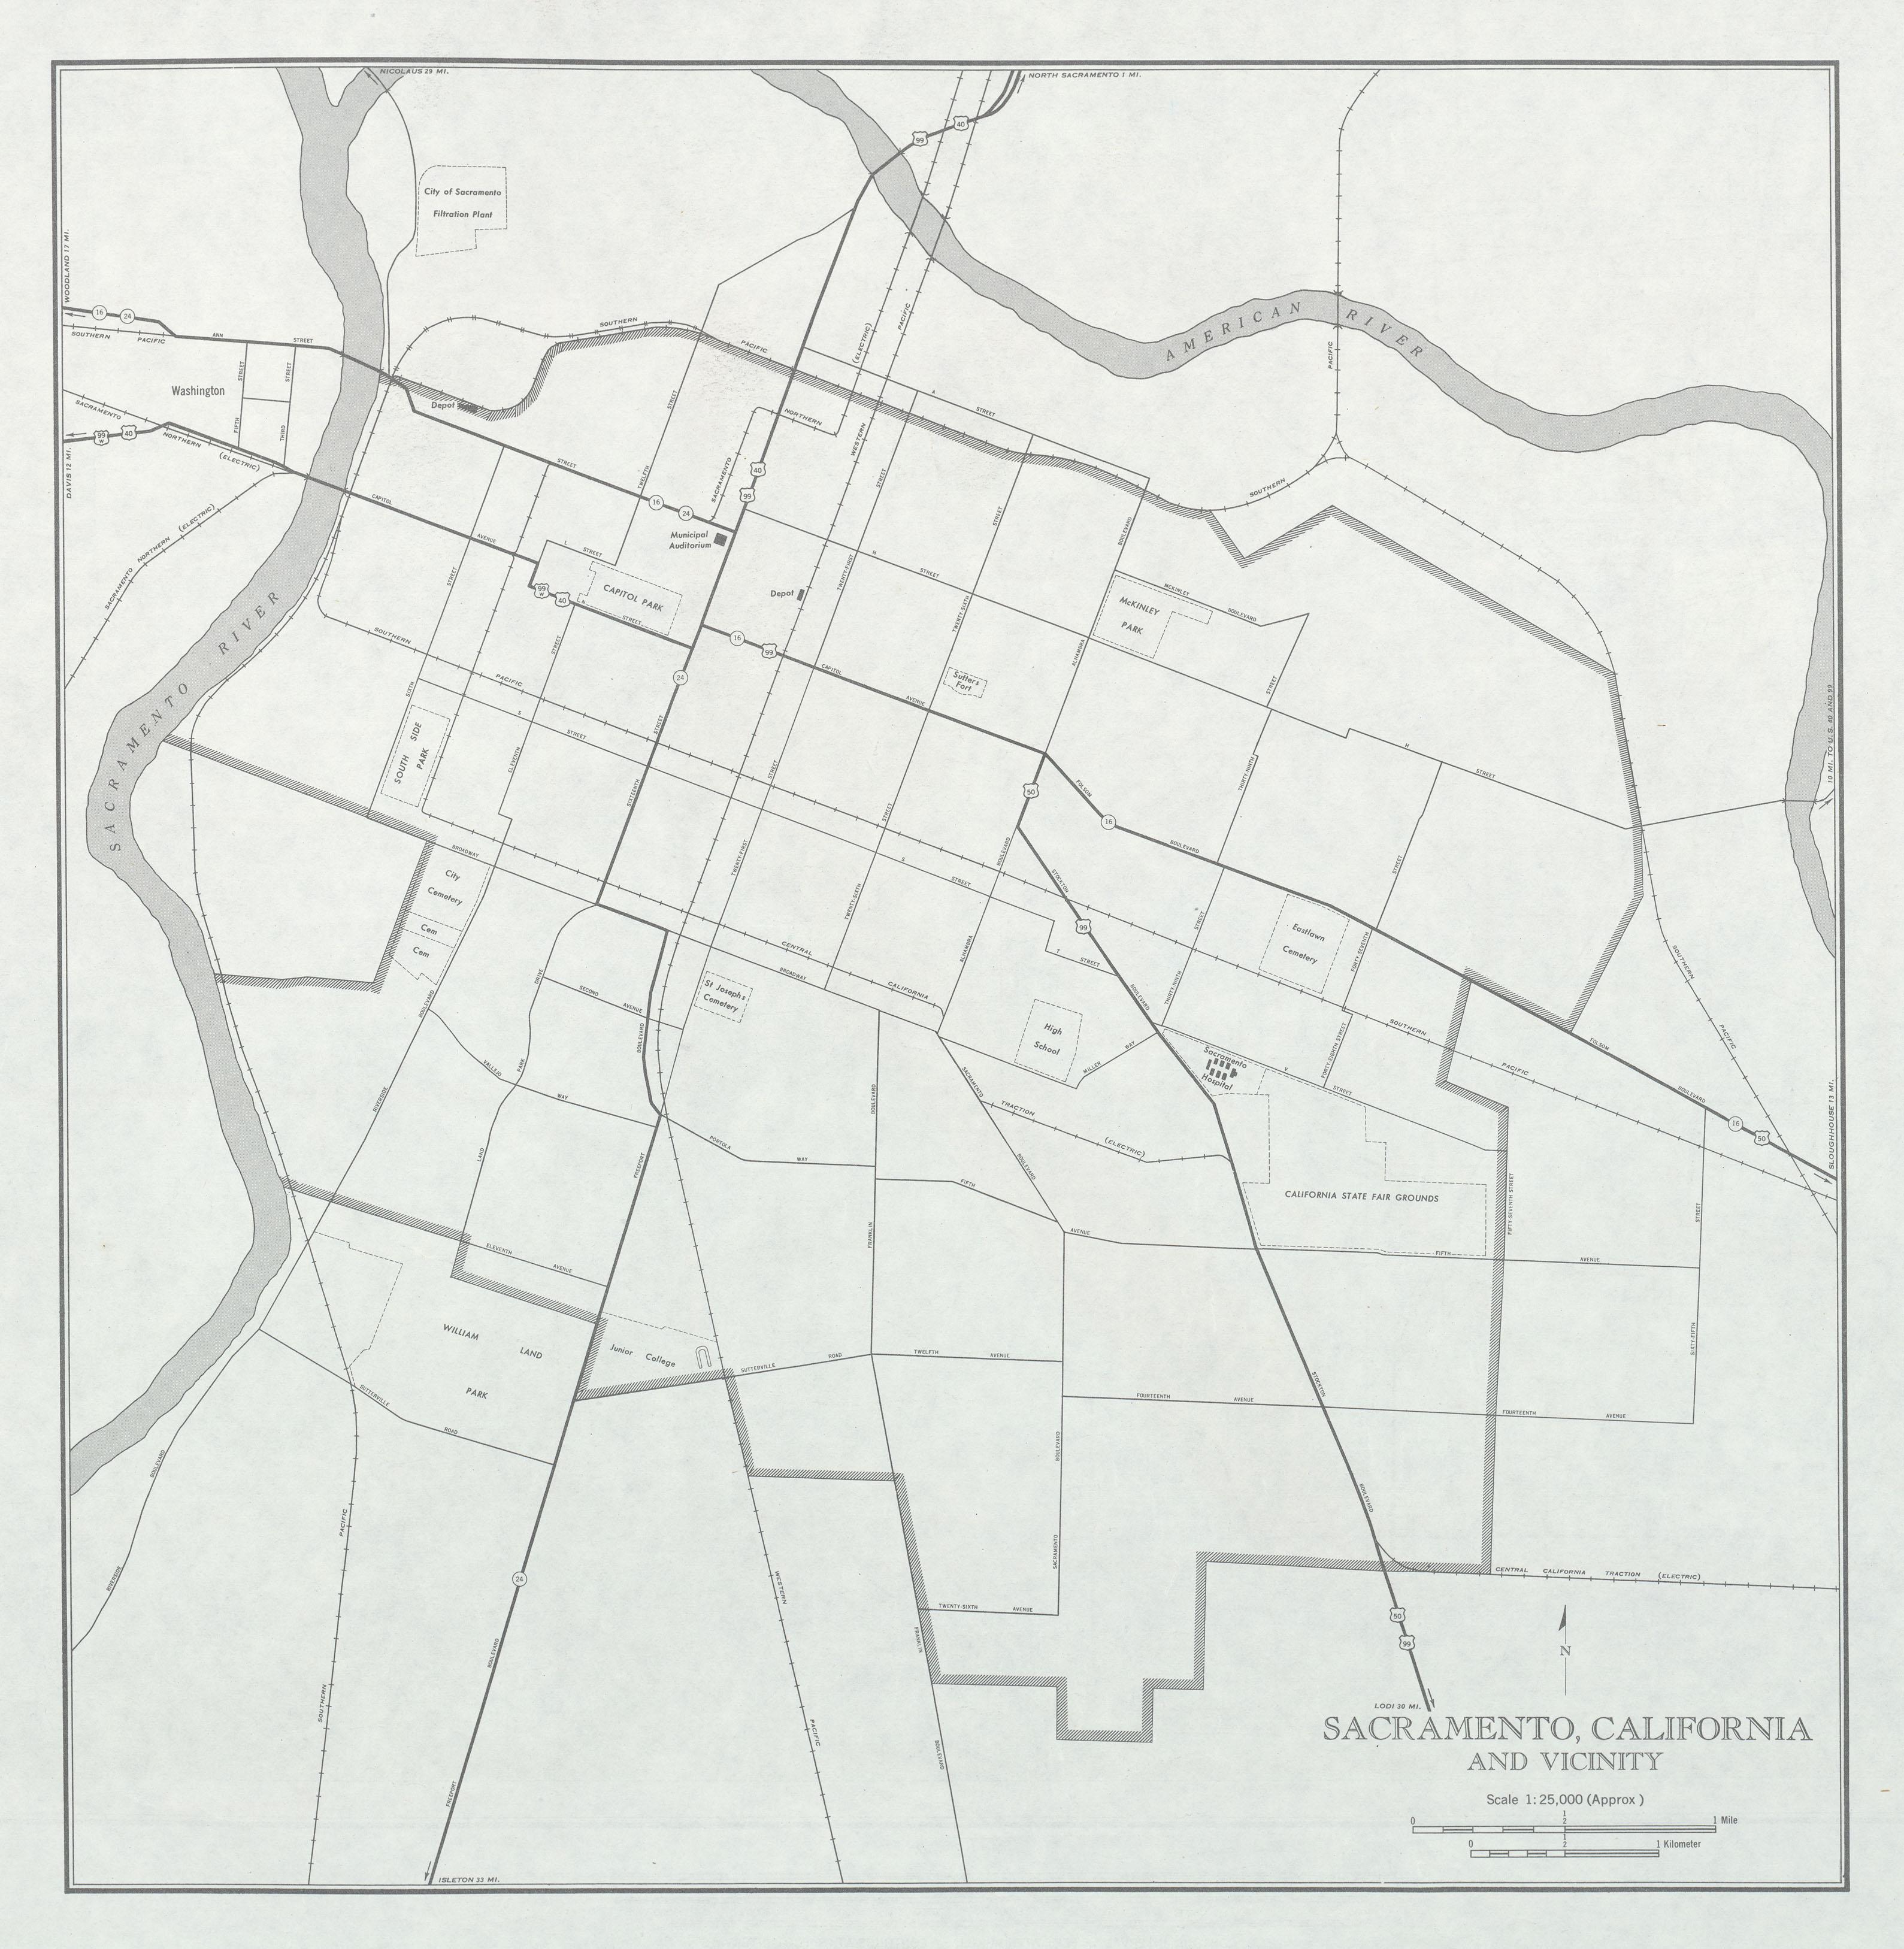 Mapa de la Ciudad de Sacramento y Cercanías, California, Estados Unidos 1947